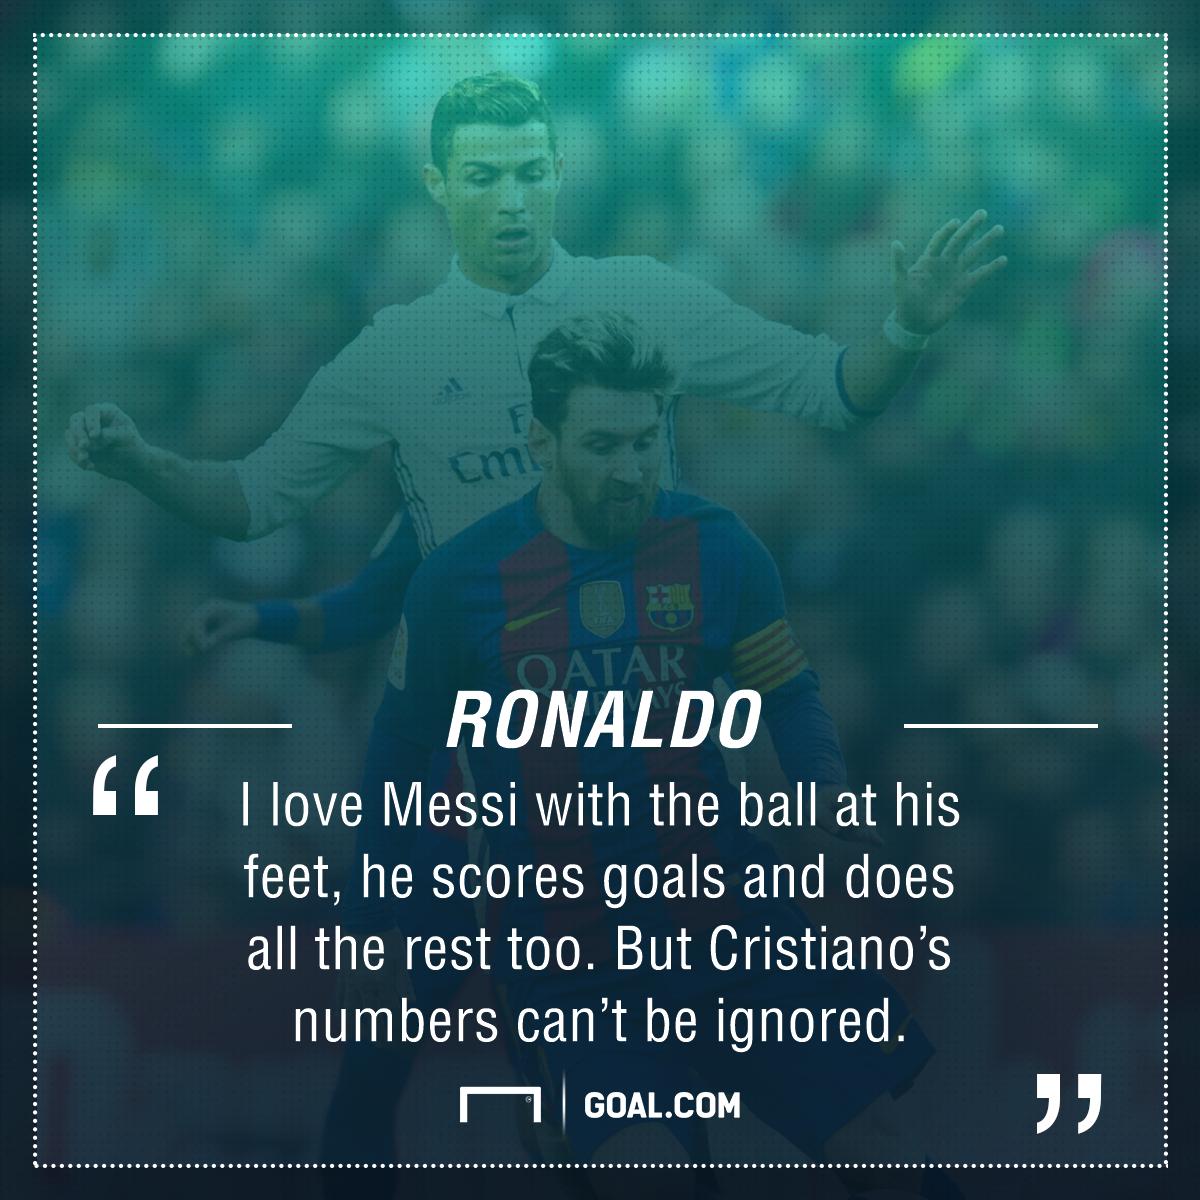 Ronaldo Lionel Messi Cristiano Ronaldo